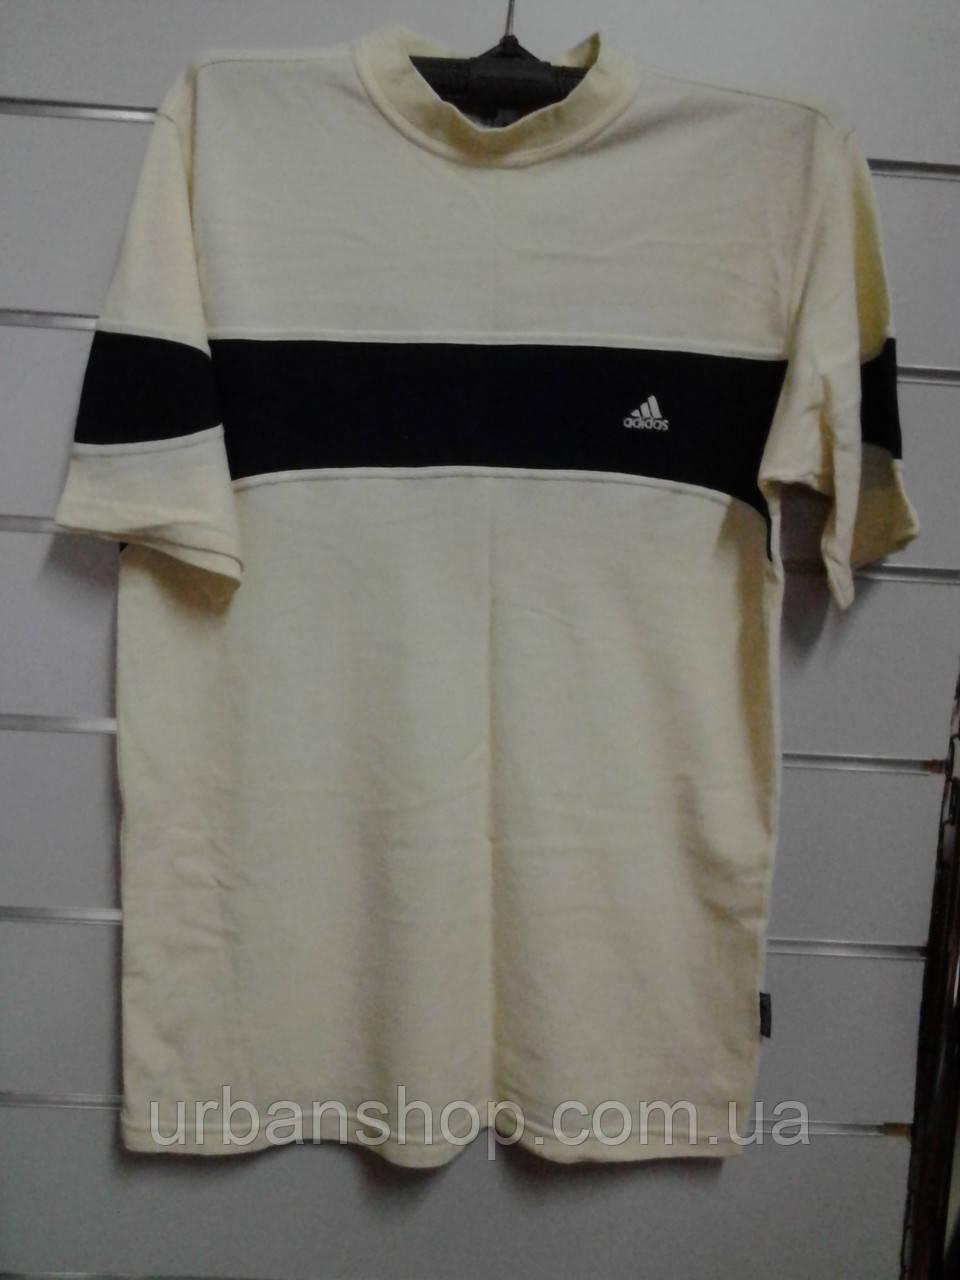 Футболка Adidas. Увага! Щоб ЗАМОВИТИ писати на Viber +380954029358